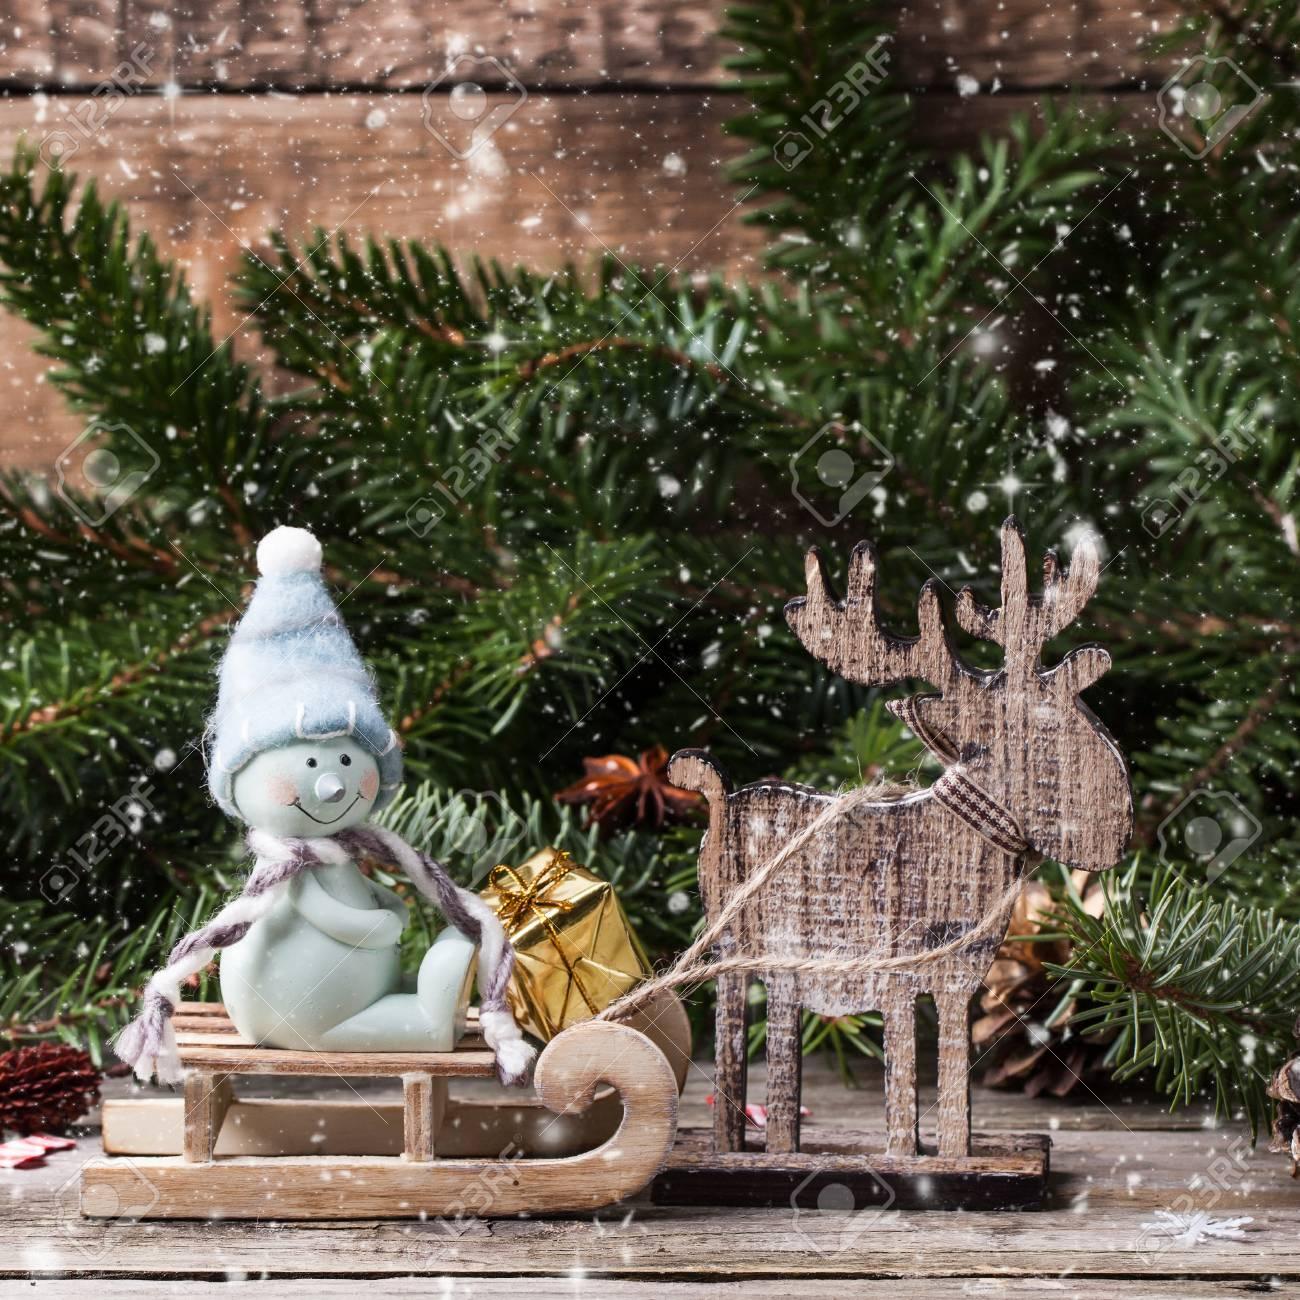 Regali Di Natale In Legno.Cartolina Di Natale Con Il Pupazzo Di Neve Sulla Slitta Cervo In Legno E Regali Di Natale Piu Vecchio Fondo In Legno Con La Neve Che Cade Immagine